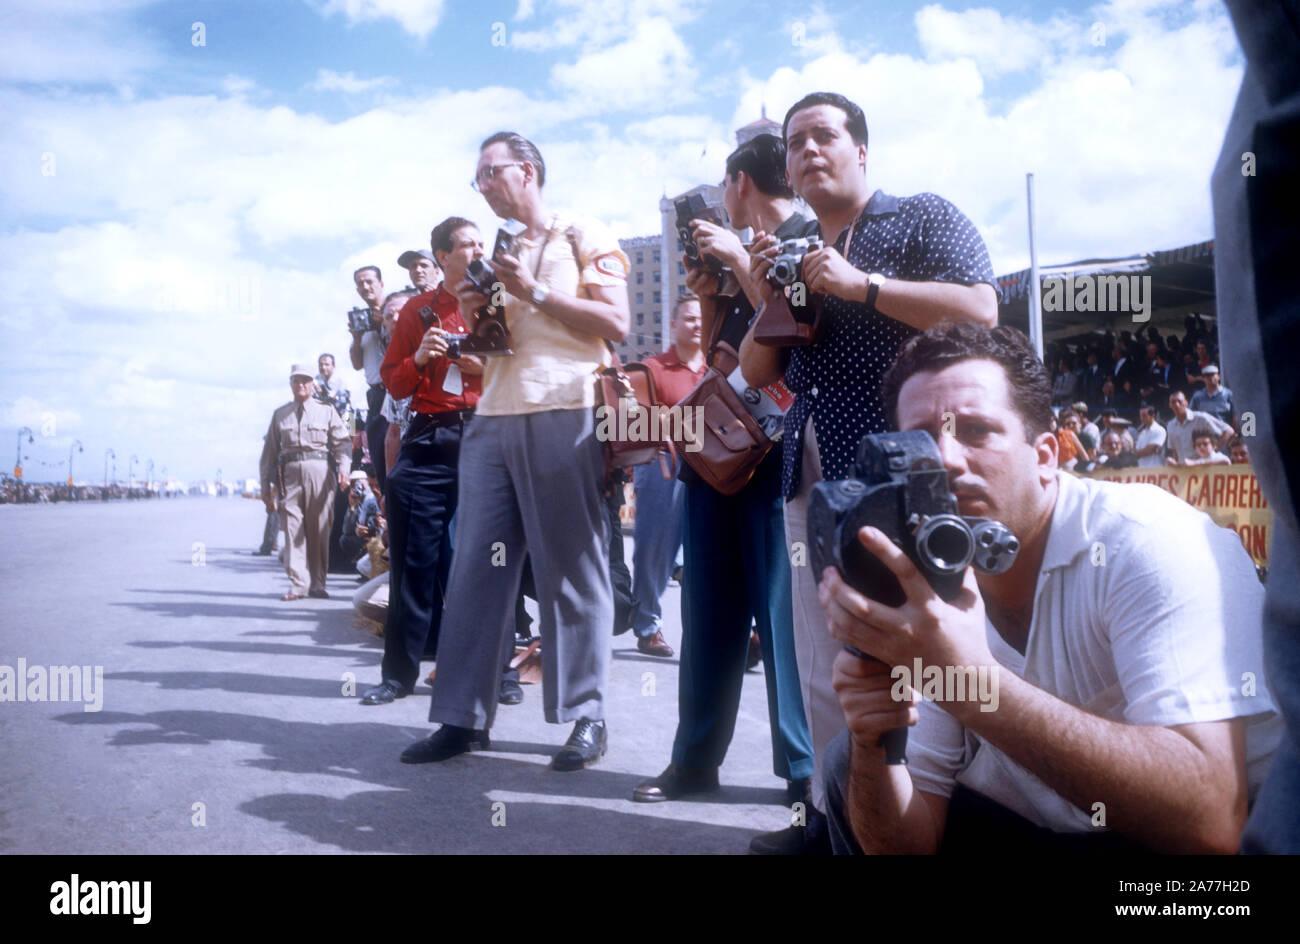 La Habana, Cuba - 24 de febrero: Los fotógrafos line el curso durante el 1957 Gran Premio de Cuba el 24 de febrero de 1957, en La Habana, Cuba. Juan Manuel Fangio ganó la carrera. (Foto por Hy Peskin) Foto de stock